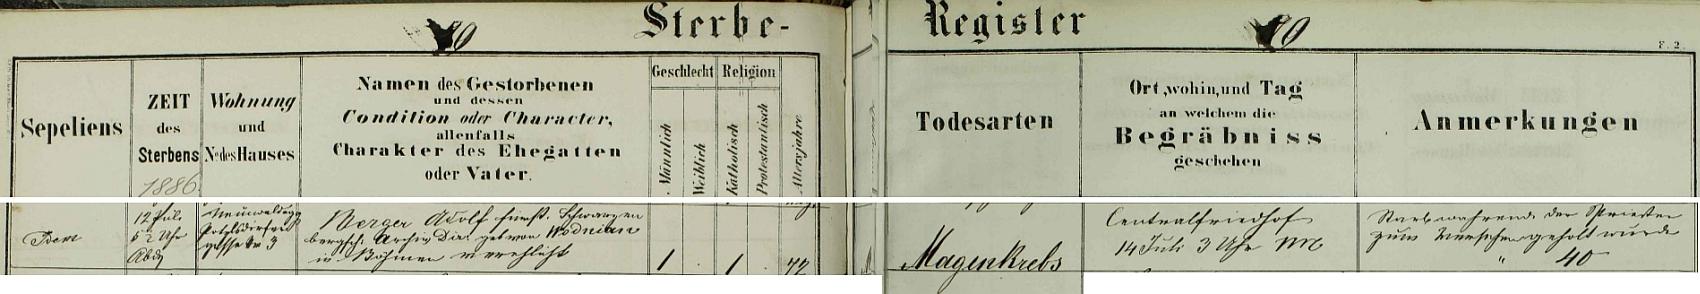 Záznam o jeho úmrtí v knize zemřelých farnosti Dornbach